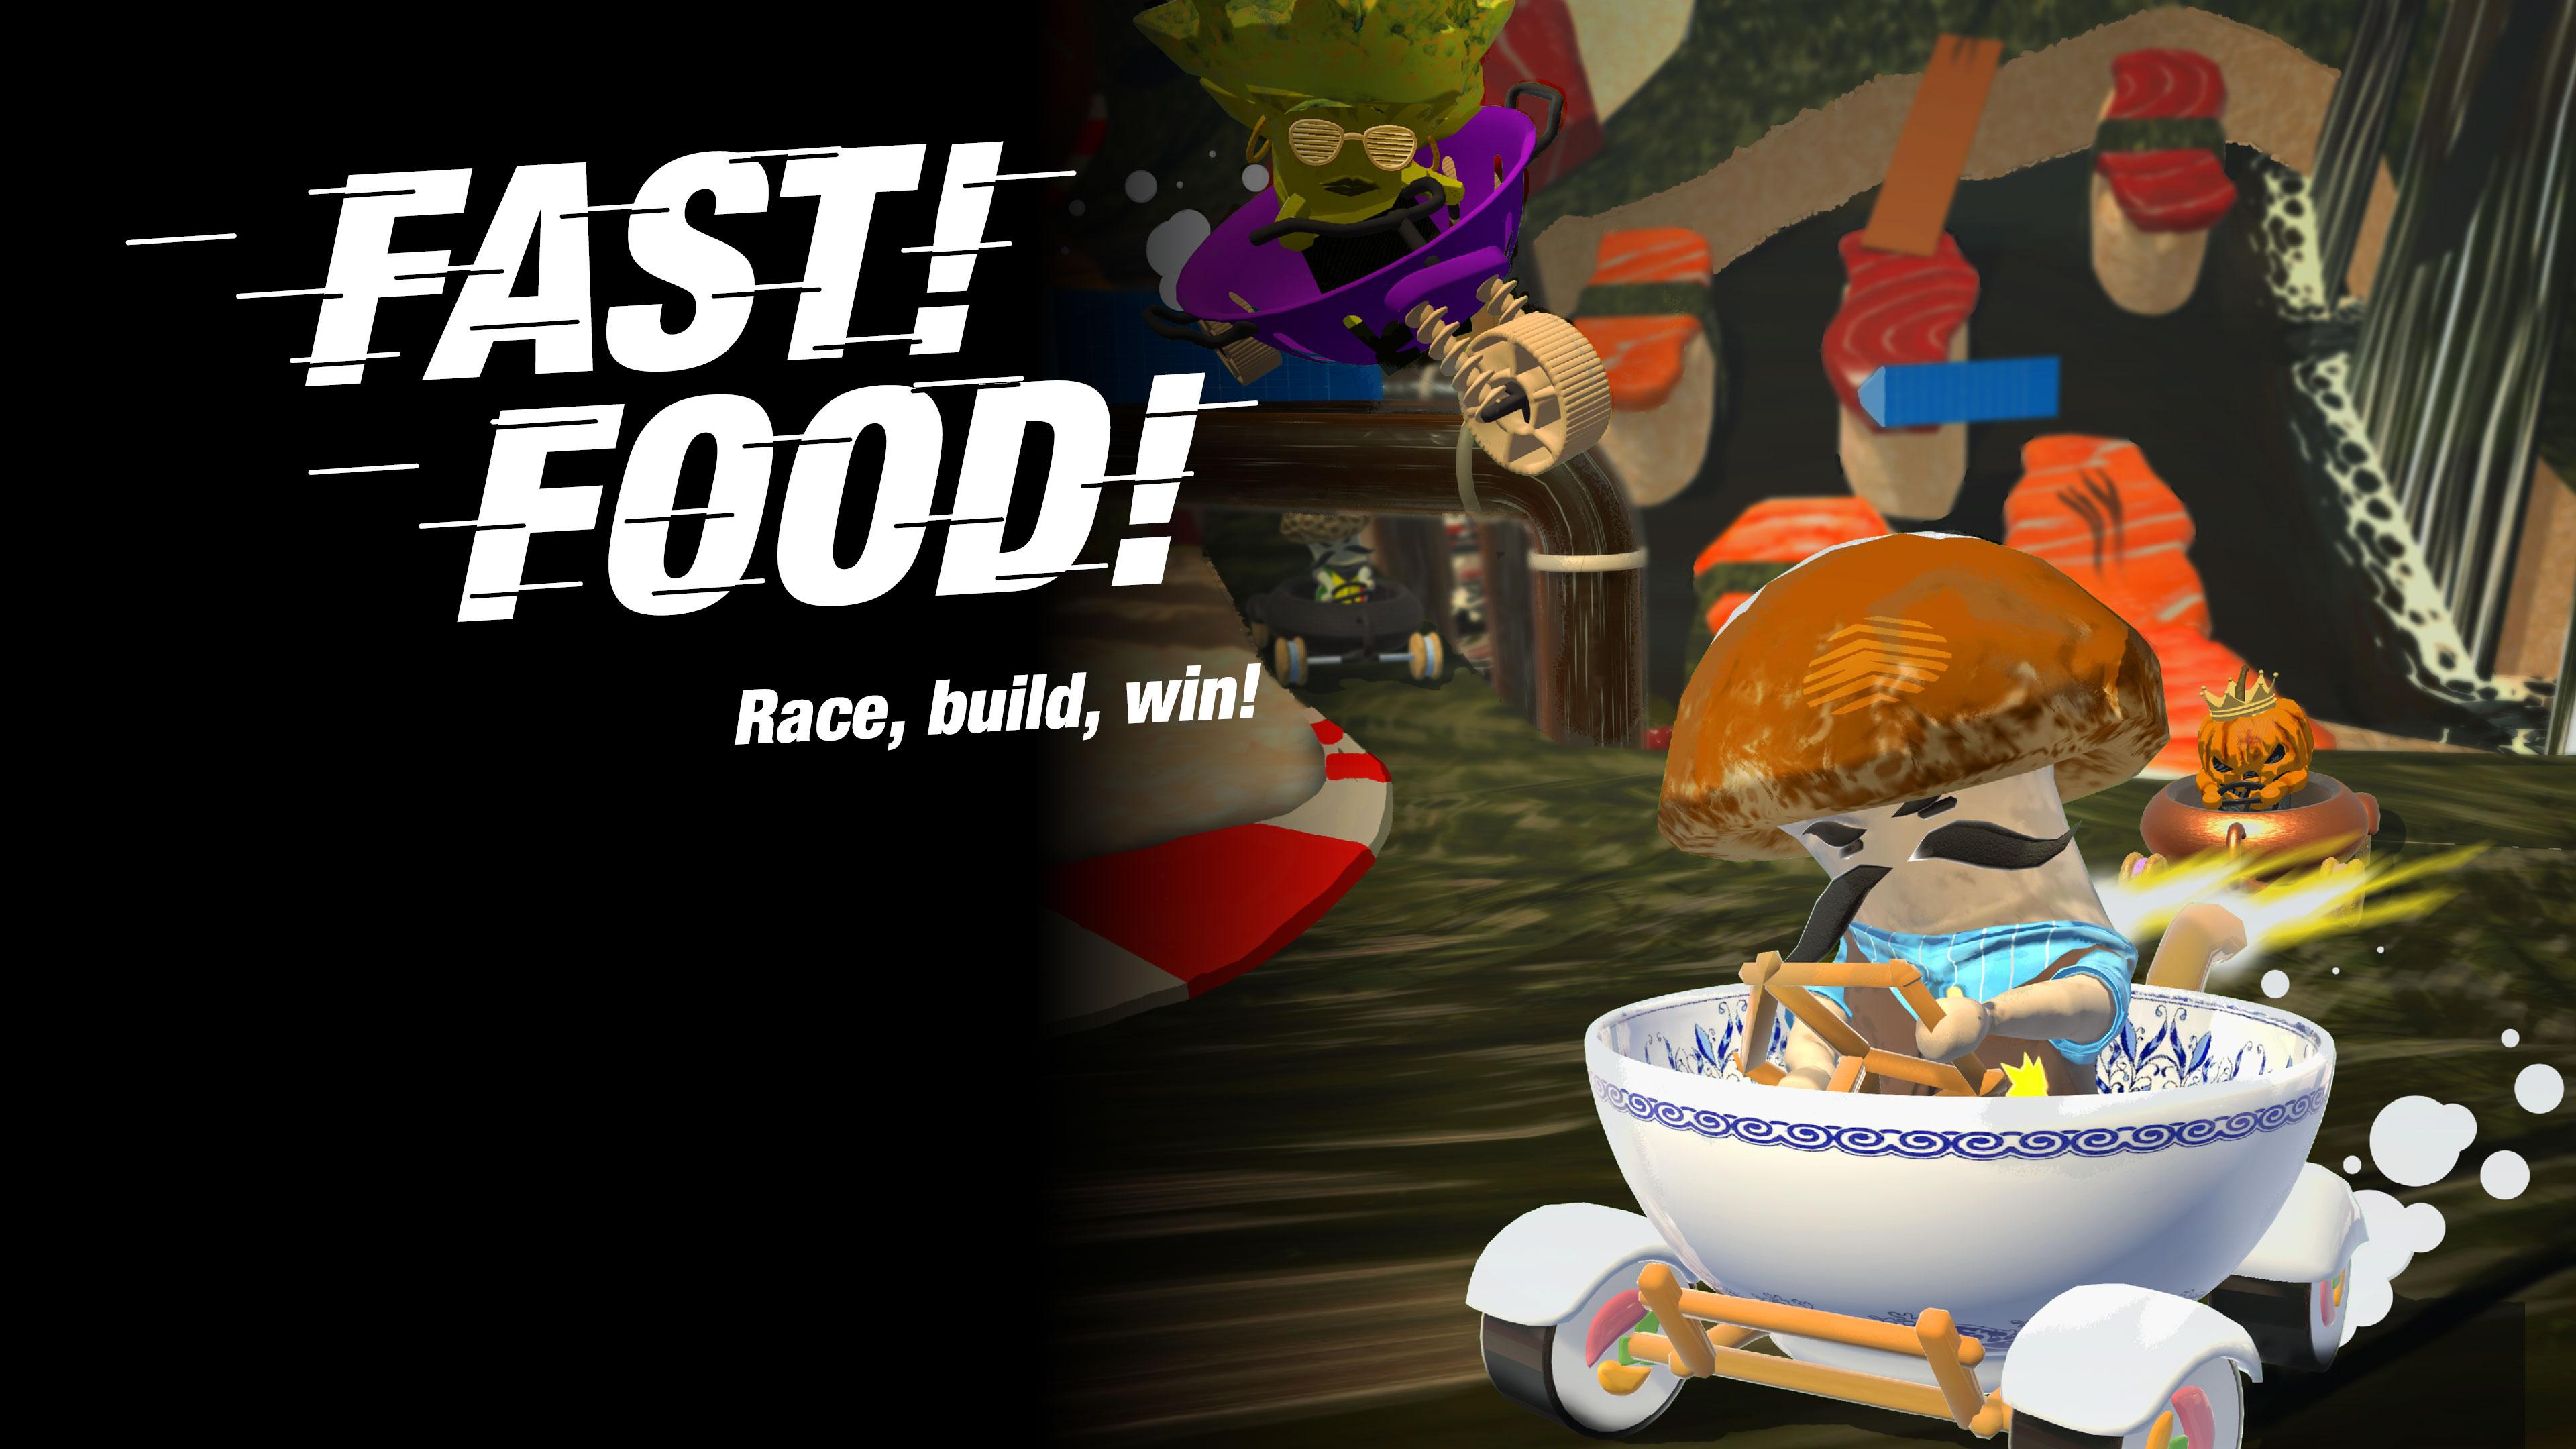 Fast! Food!